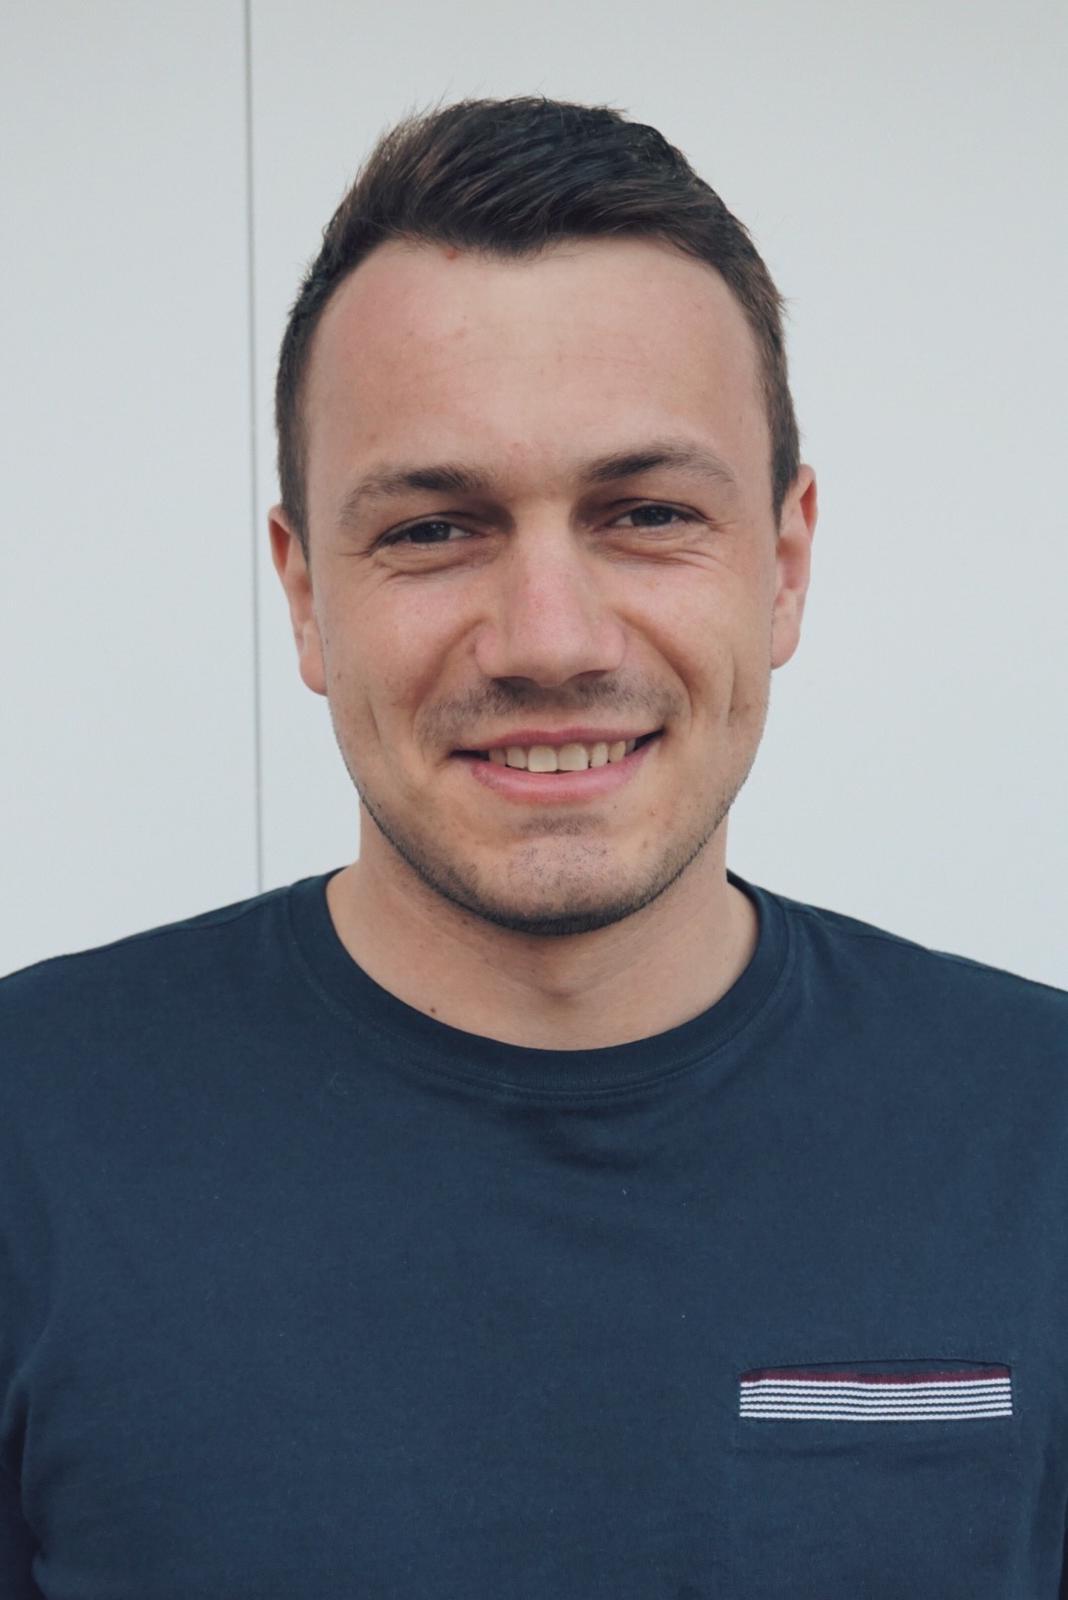 Andreas Leng